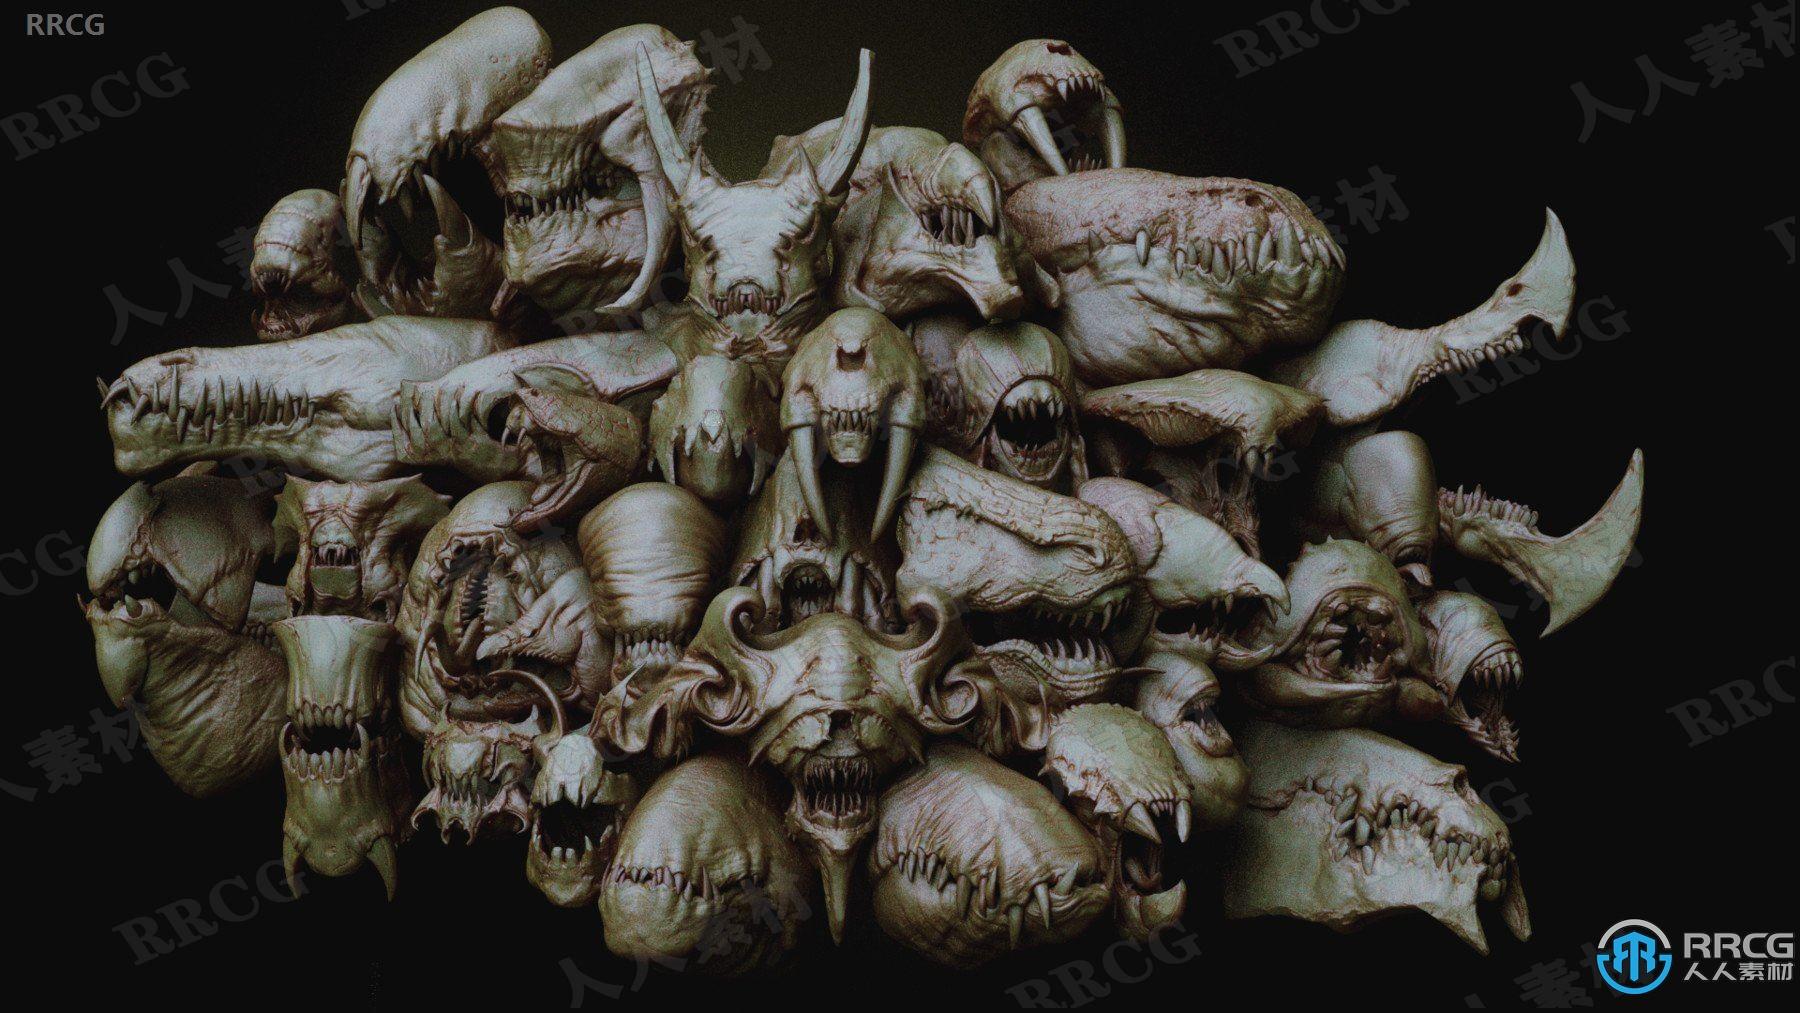 33个概念异形怪物嘴和头骨ZBrush subtool IMM Brush.雕刻3D模型合集